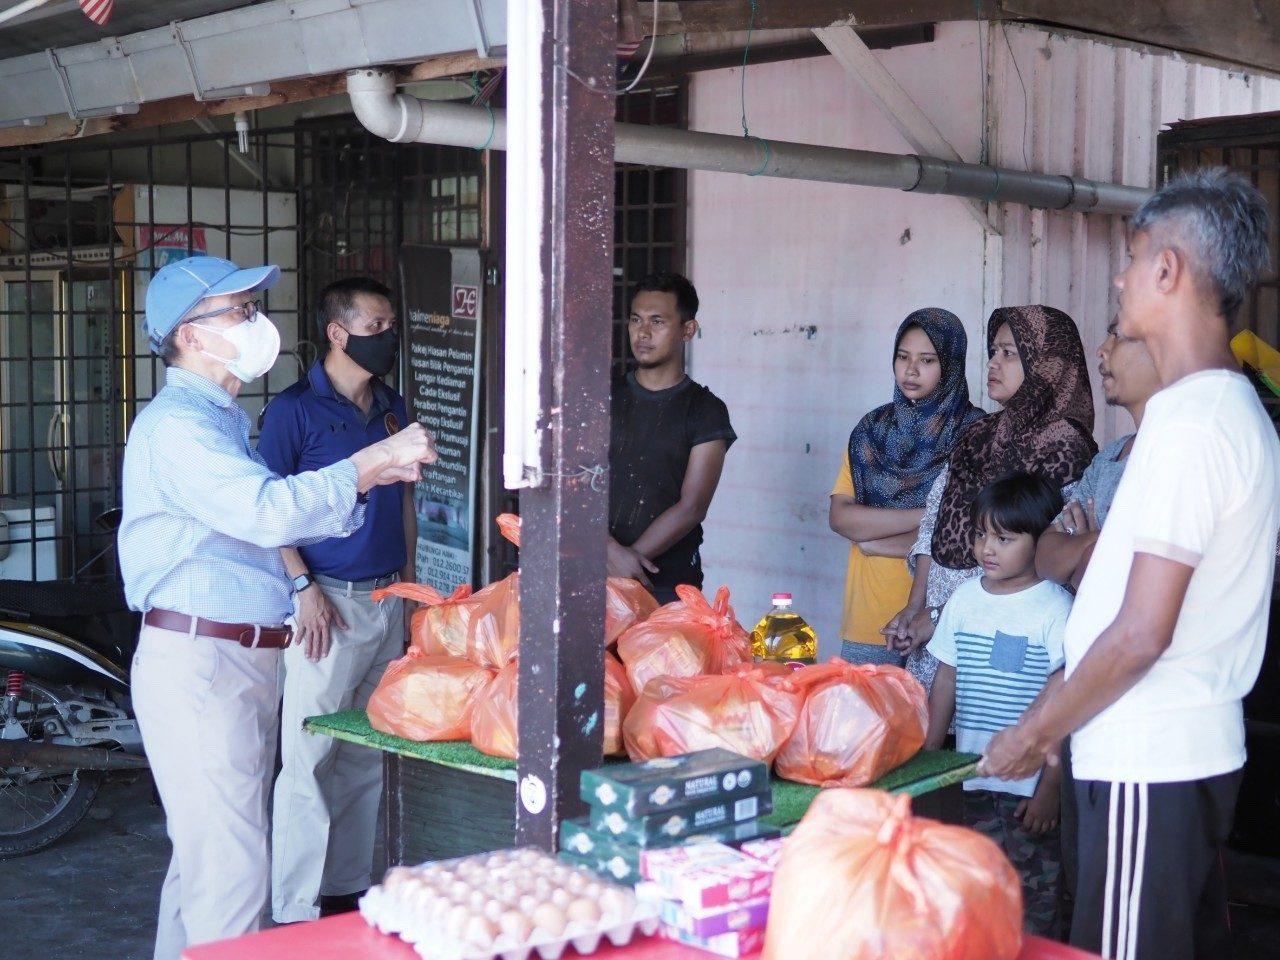 รายงานพิเศษ : สถานทูตไทยในมาเลเซีย เร่งช่วยคนไทยหลังโควิดพ่นพิษ